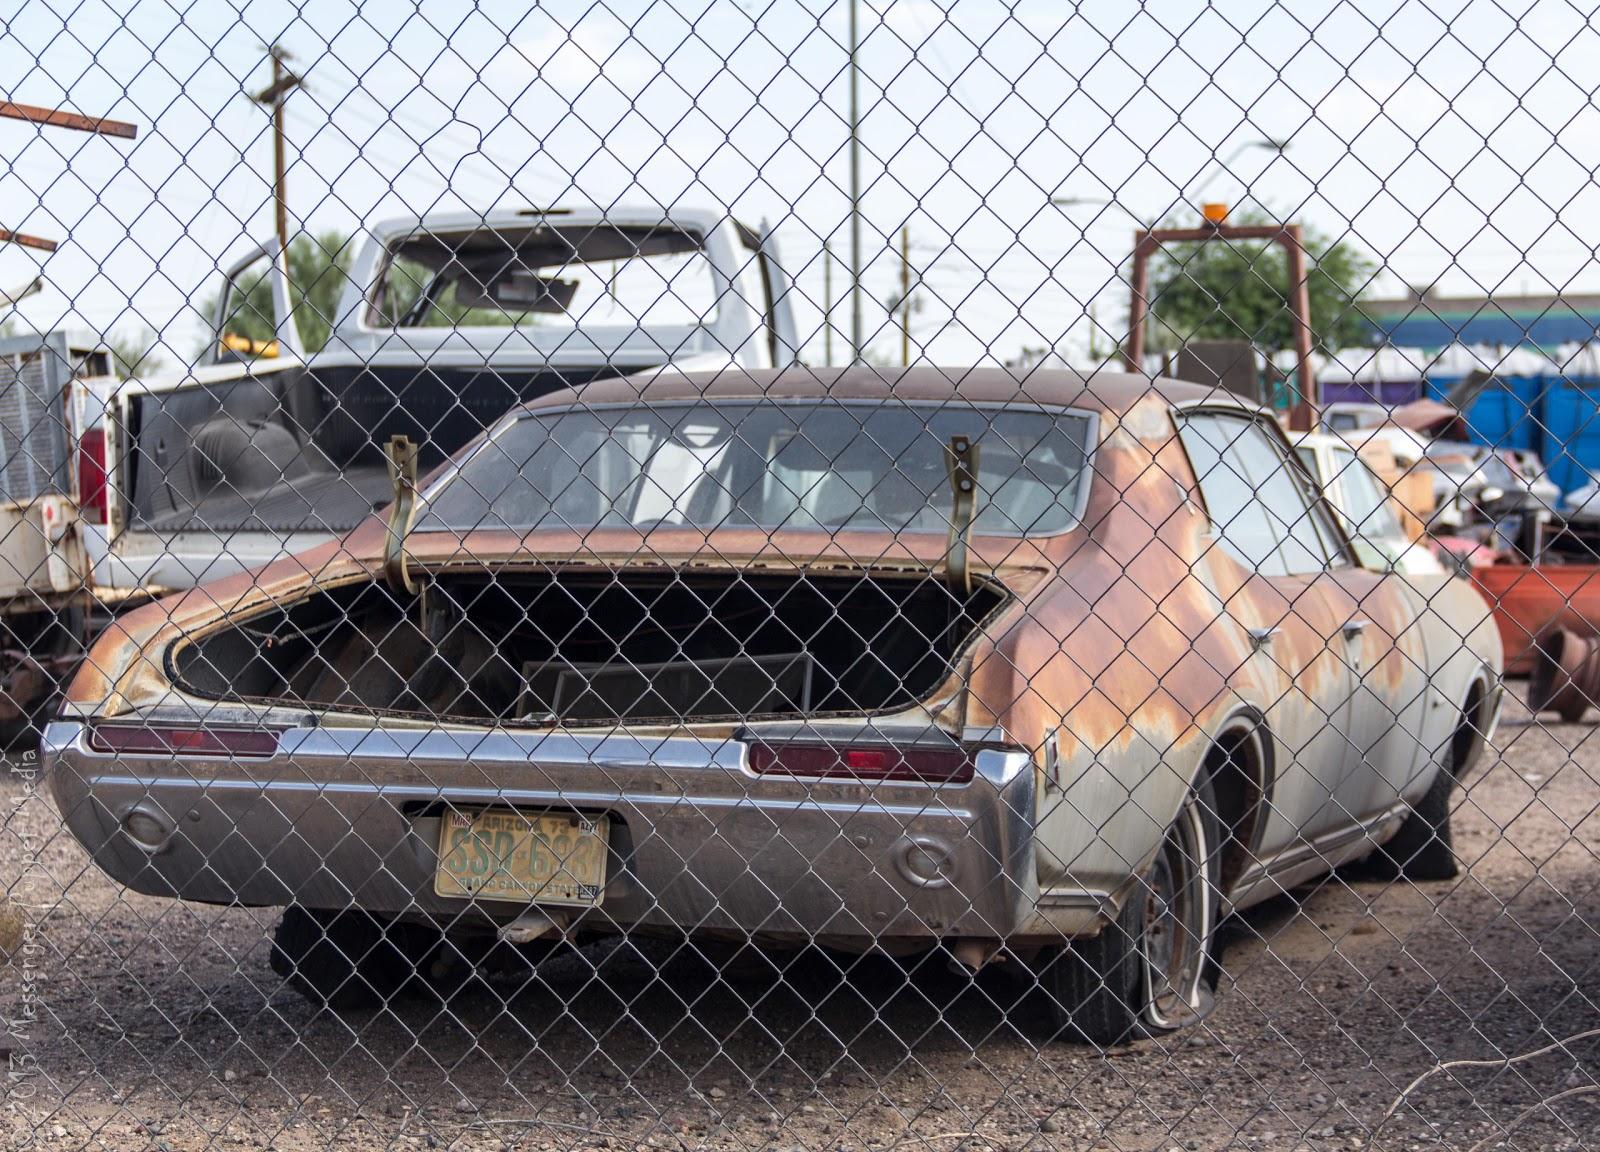 1968 Oldsmobile Cutlass hardtop